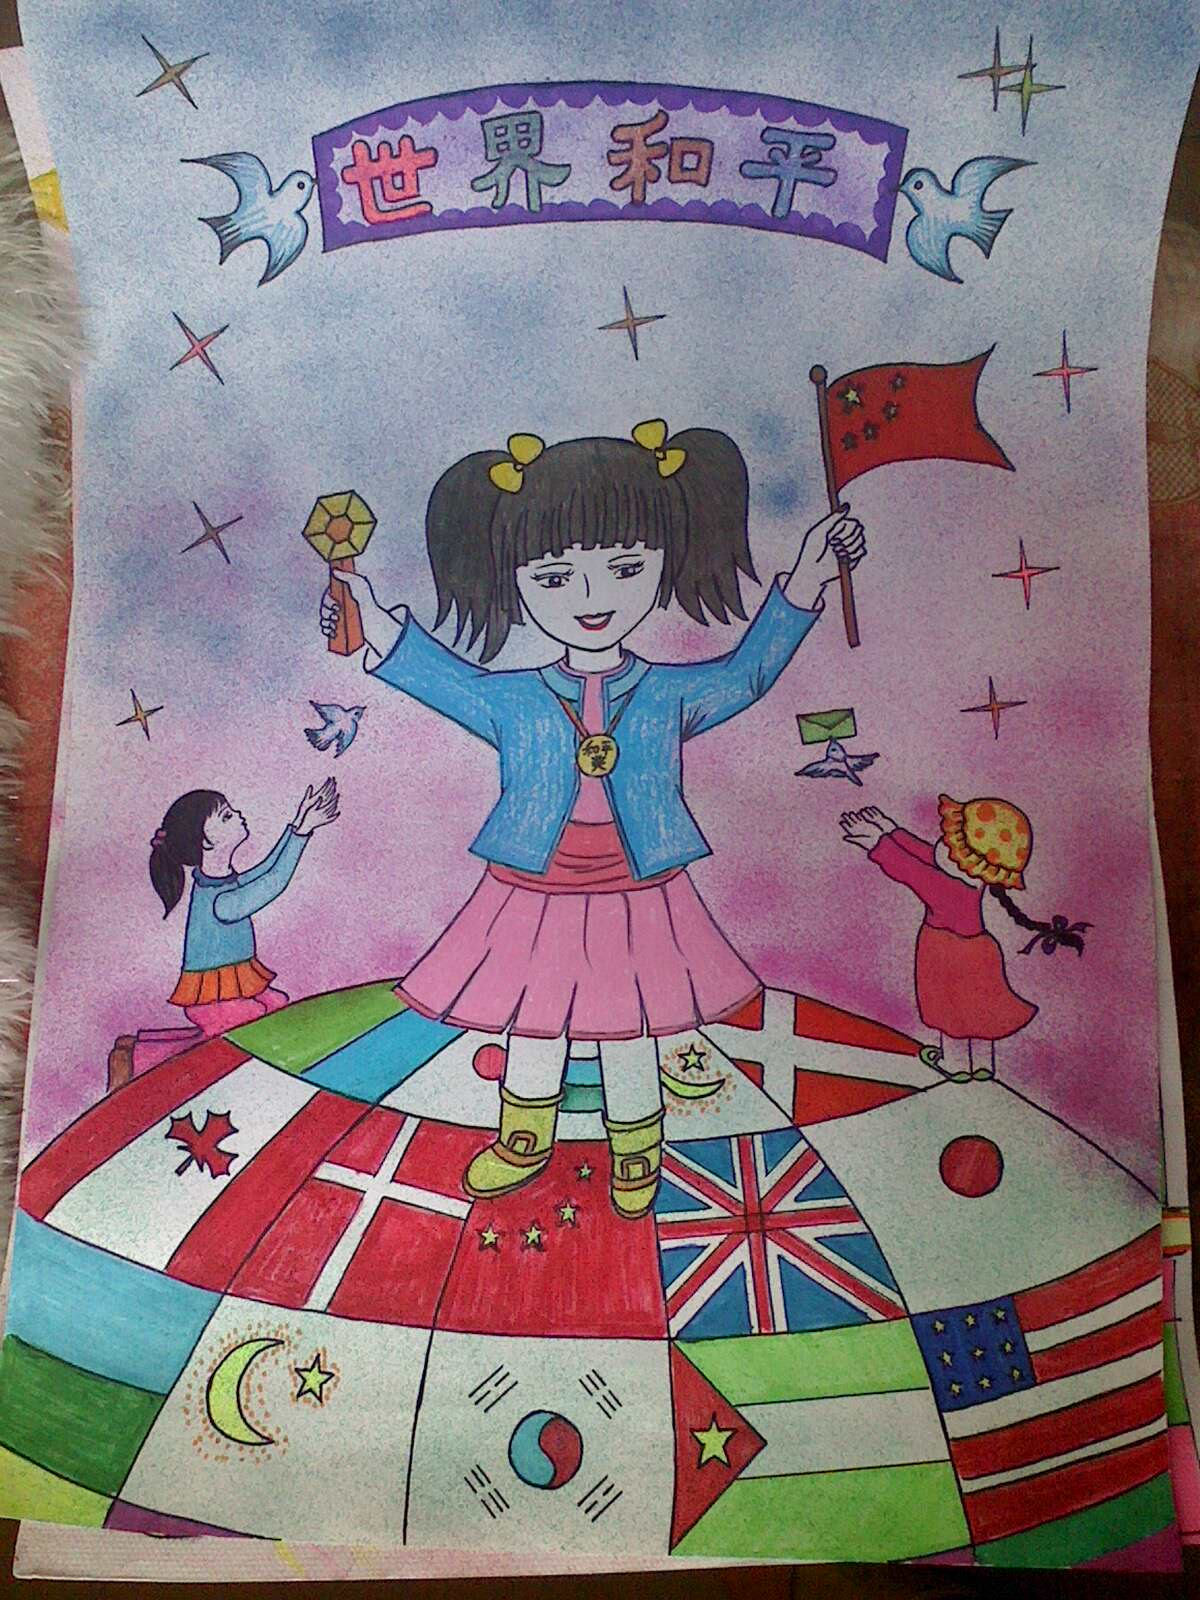 中国梦 我的梦绘画比赛